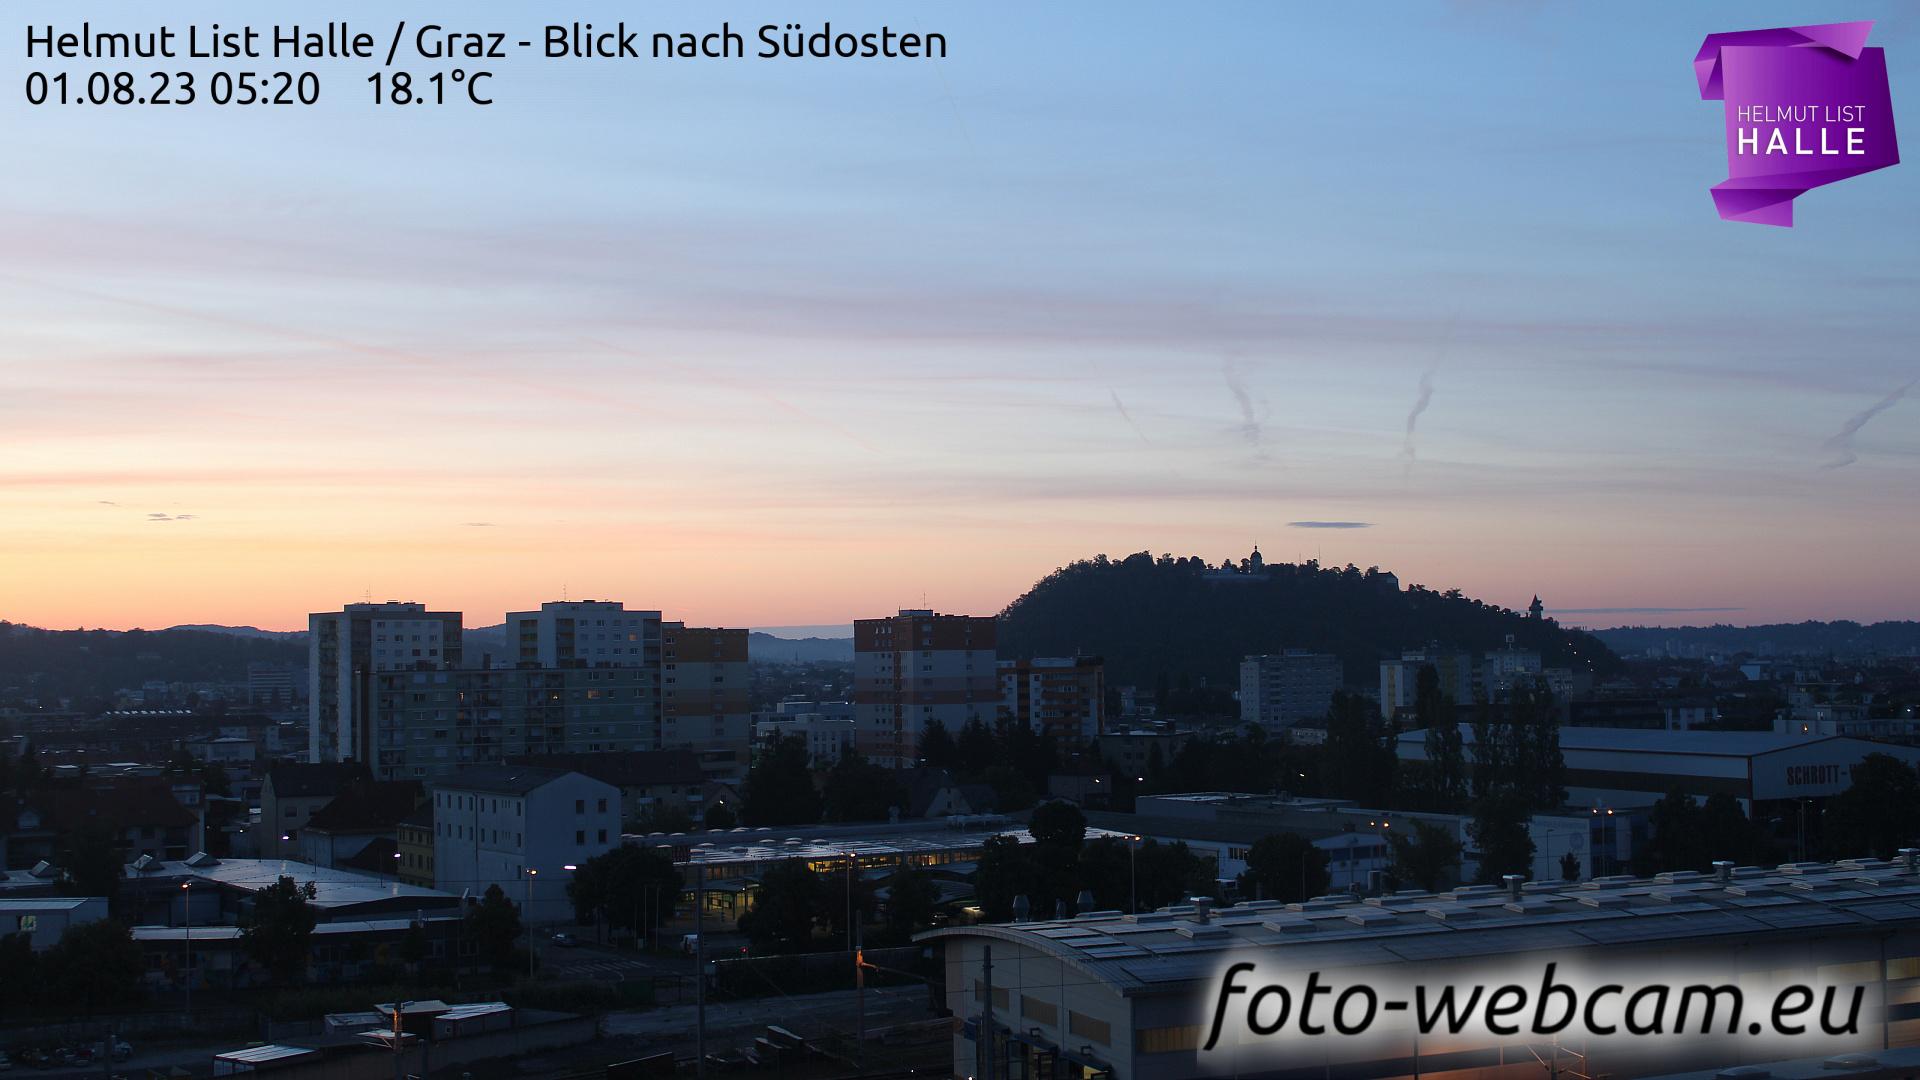 Graz Sun. 05:32